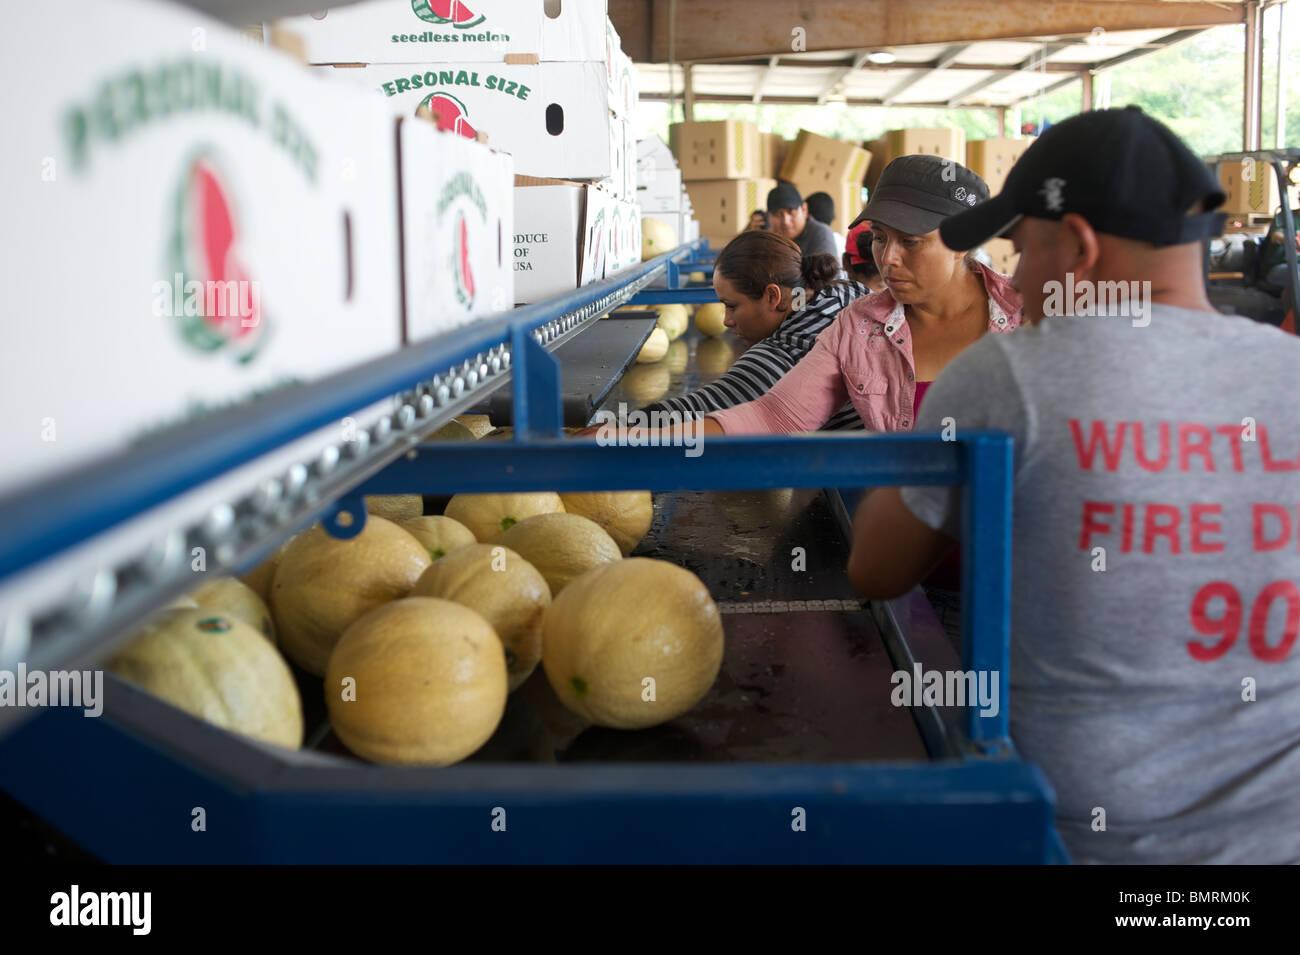 Grading melons, Florida USA - Stock Image